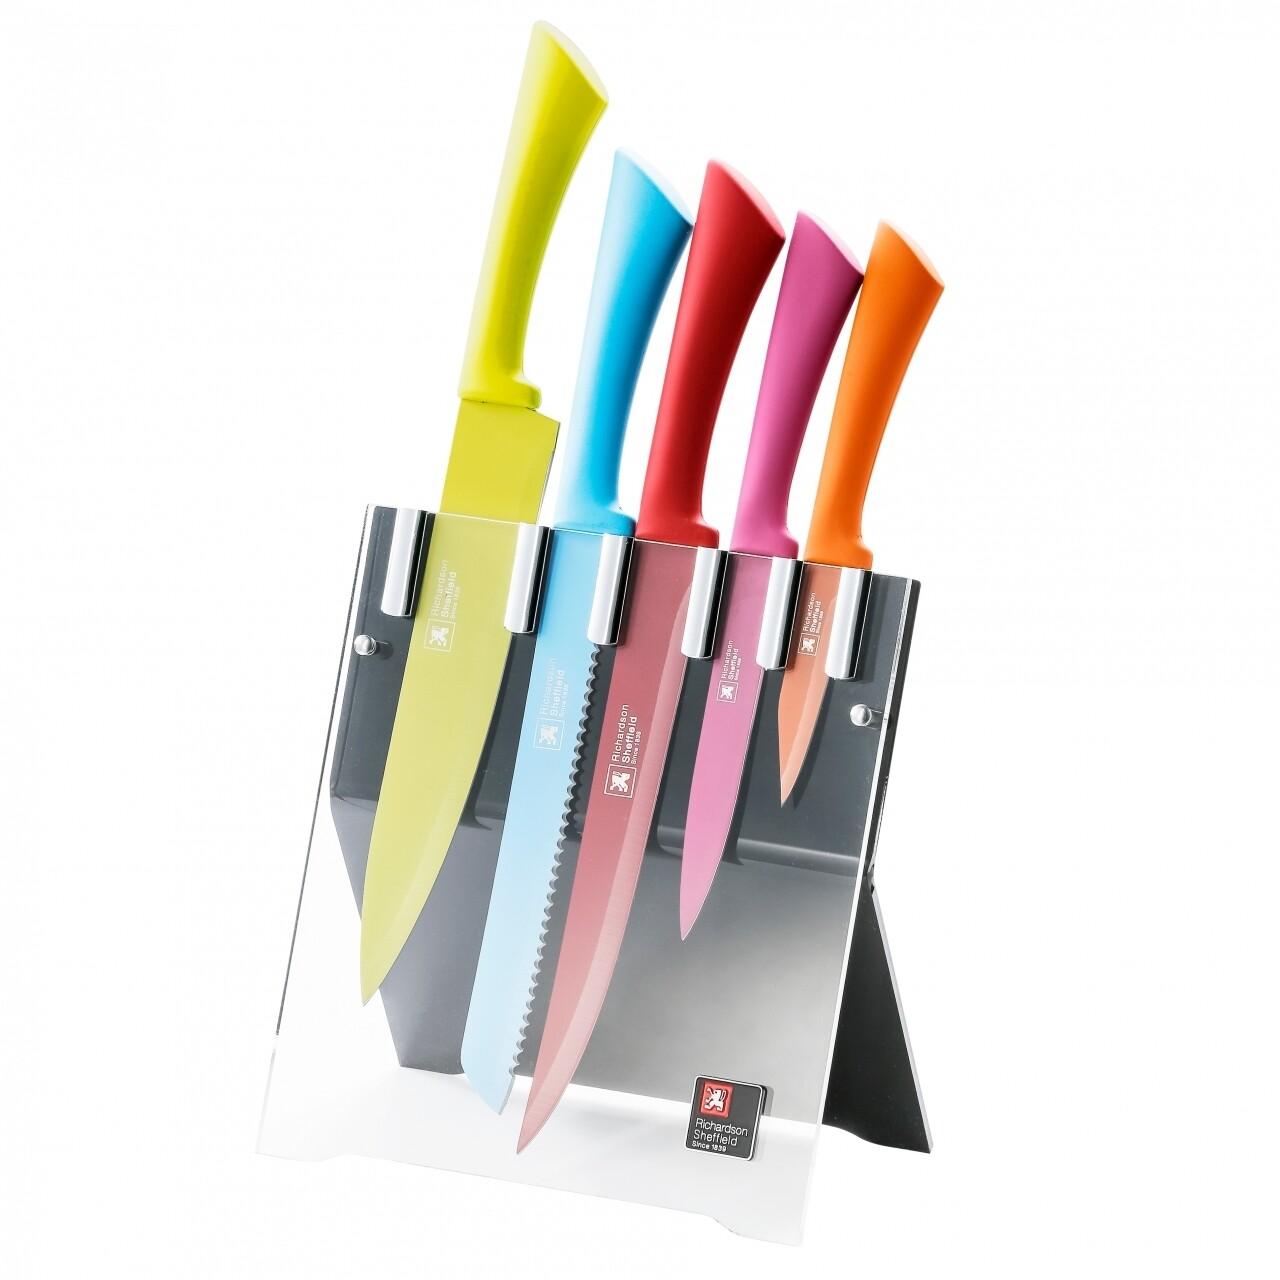 Set 5 cutite cu suport, Amefa, Love Colour, inox/plastic, multicolor